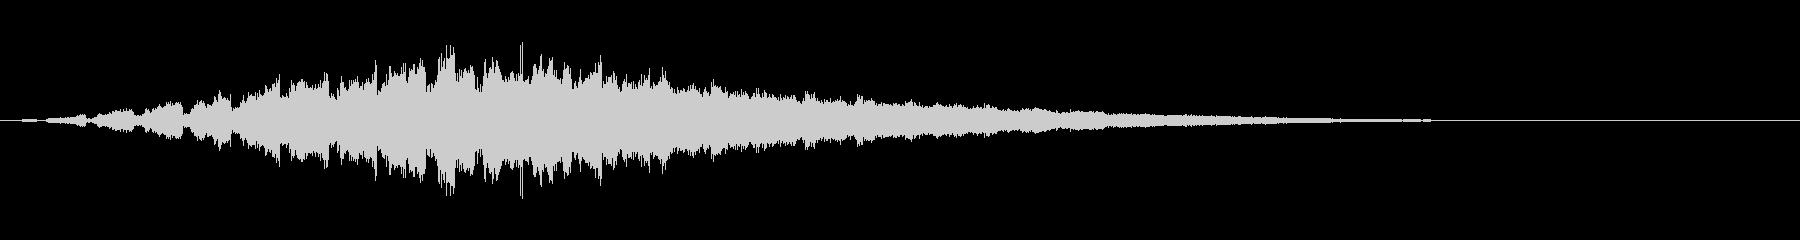 長いキラキラ音 フェードイン・アウトの未再生の波形